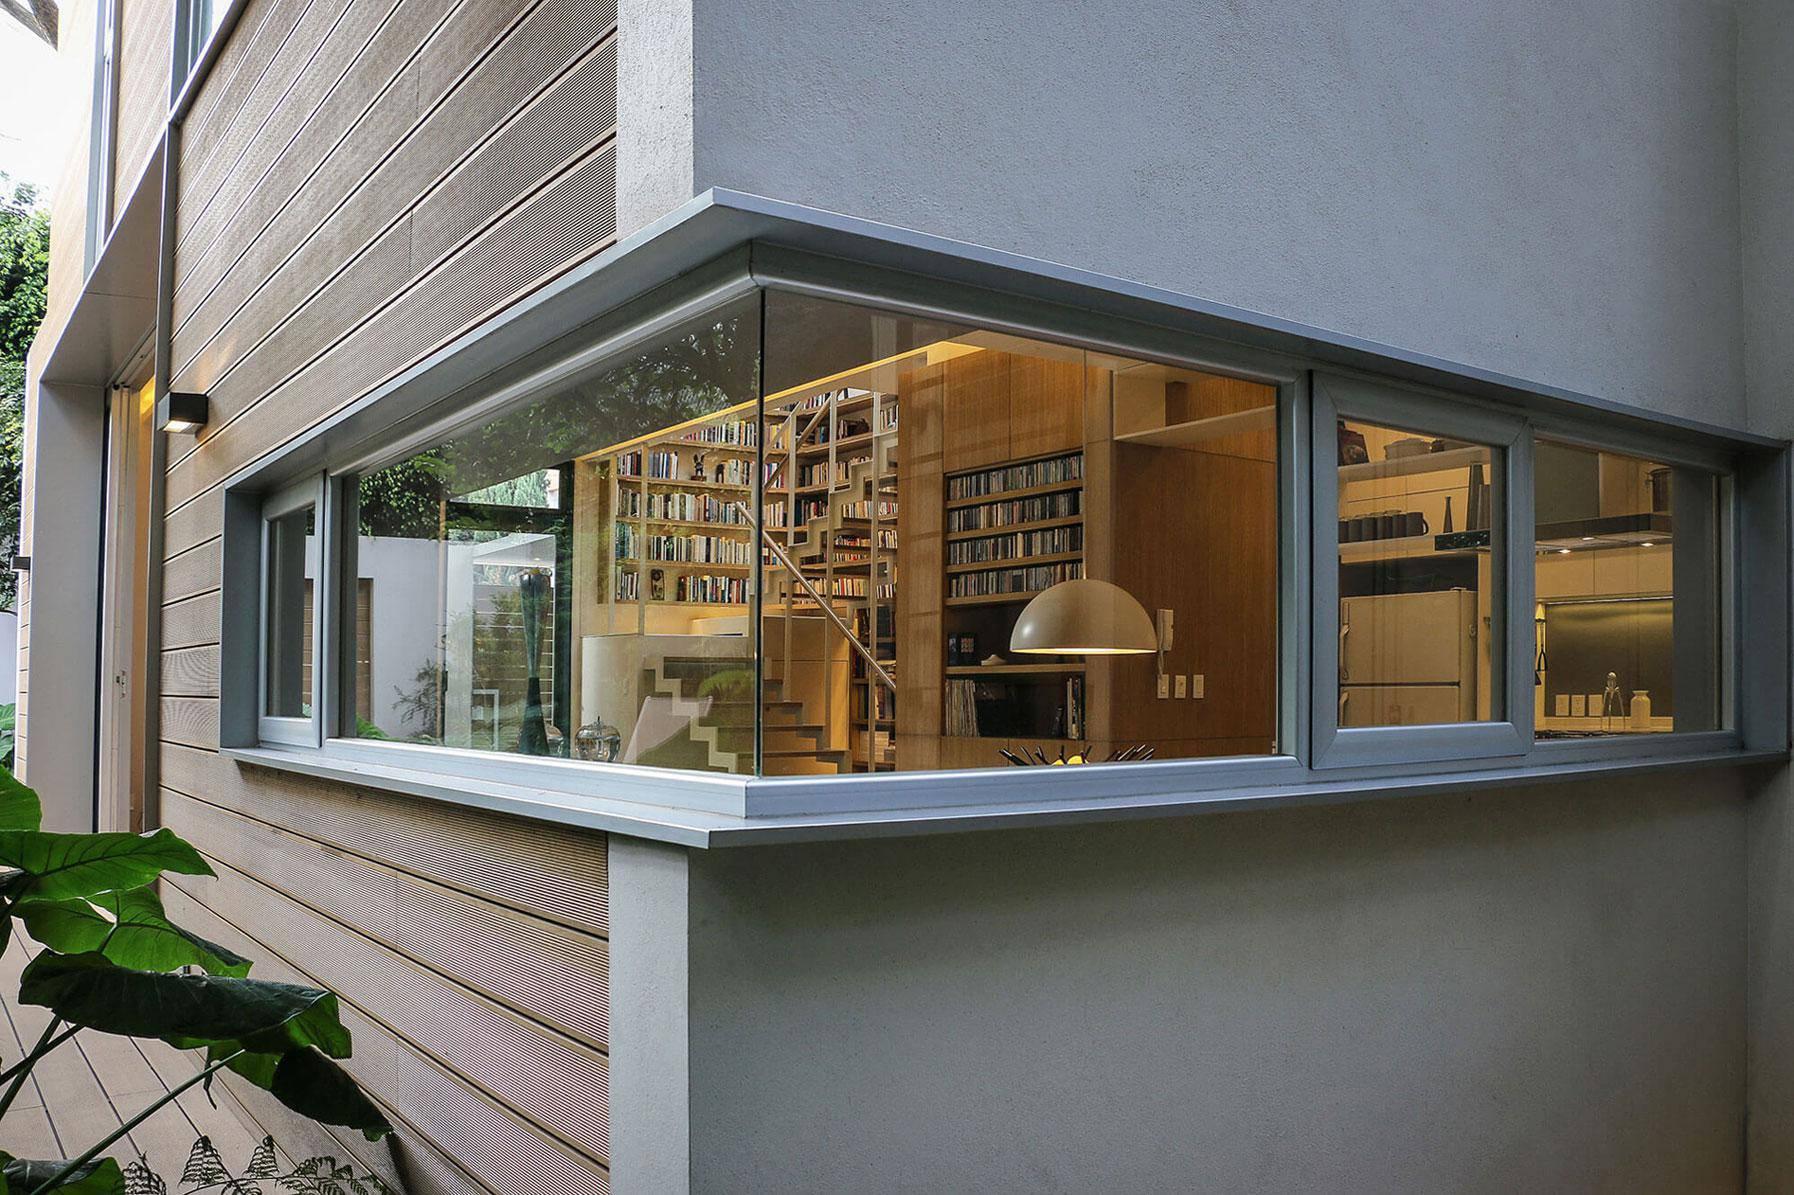 thiết kế cửa sổ góc